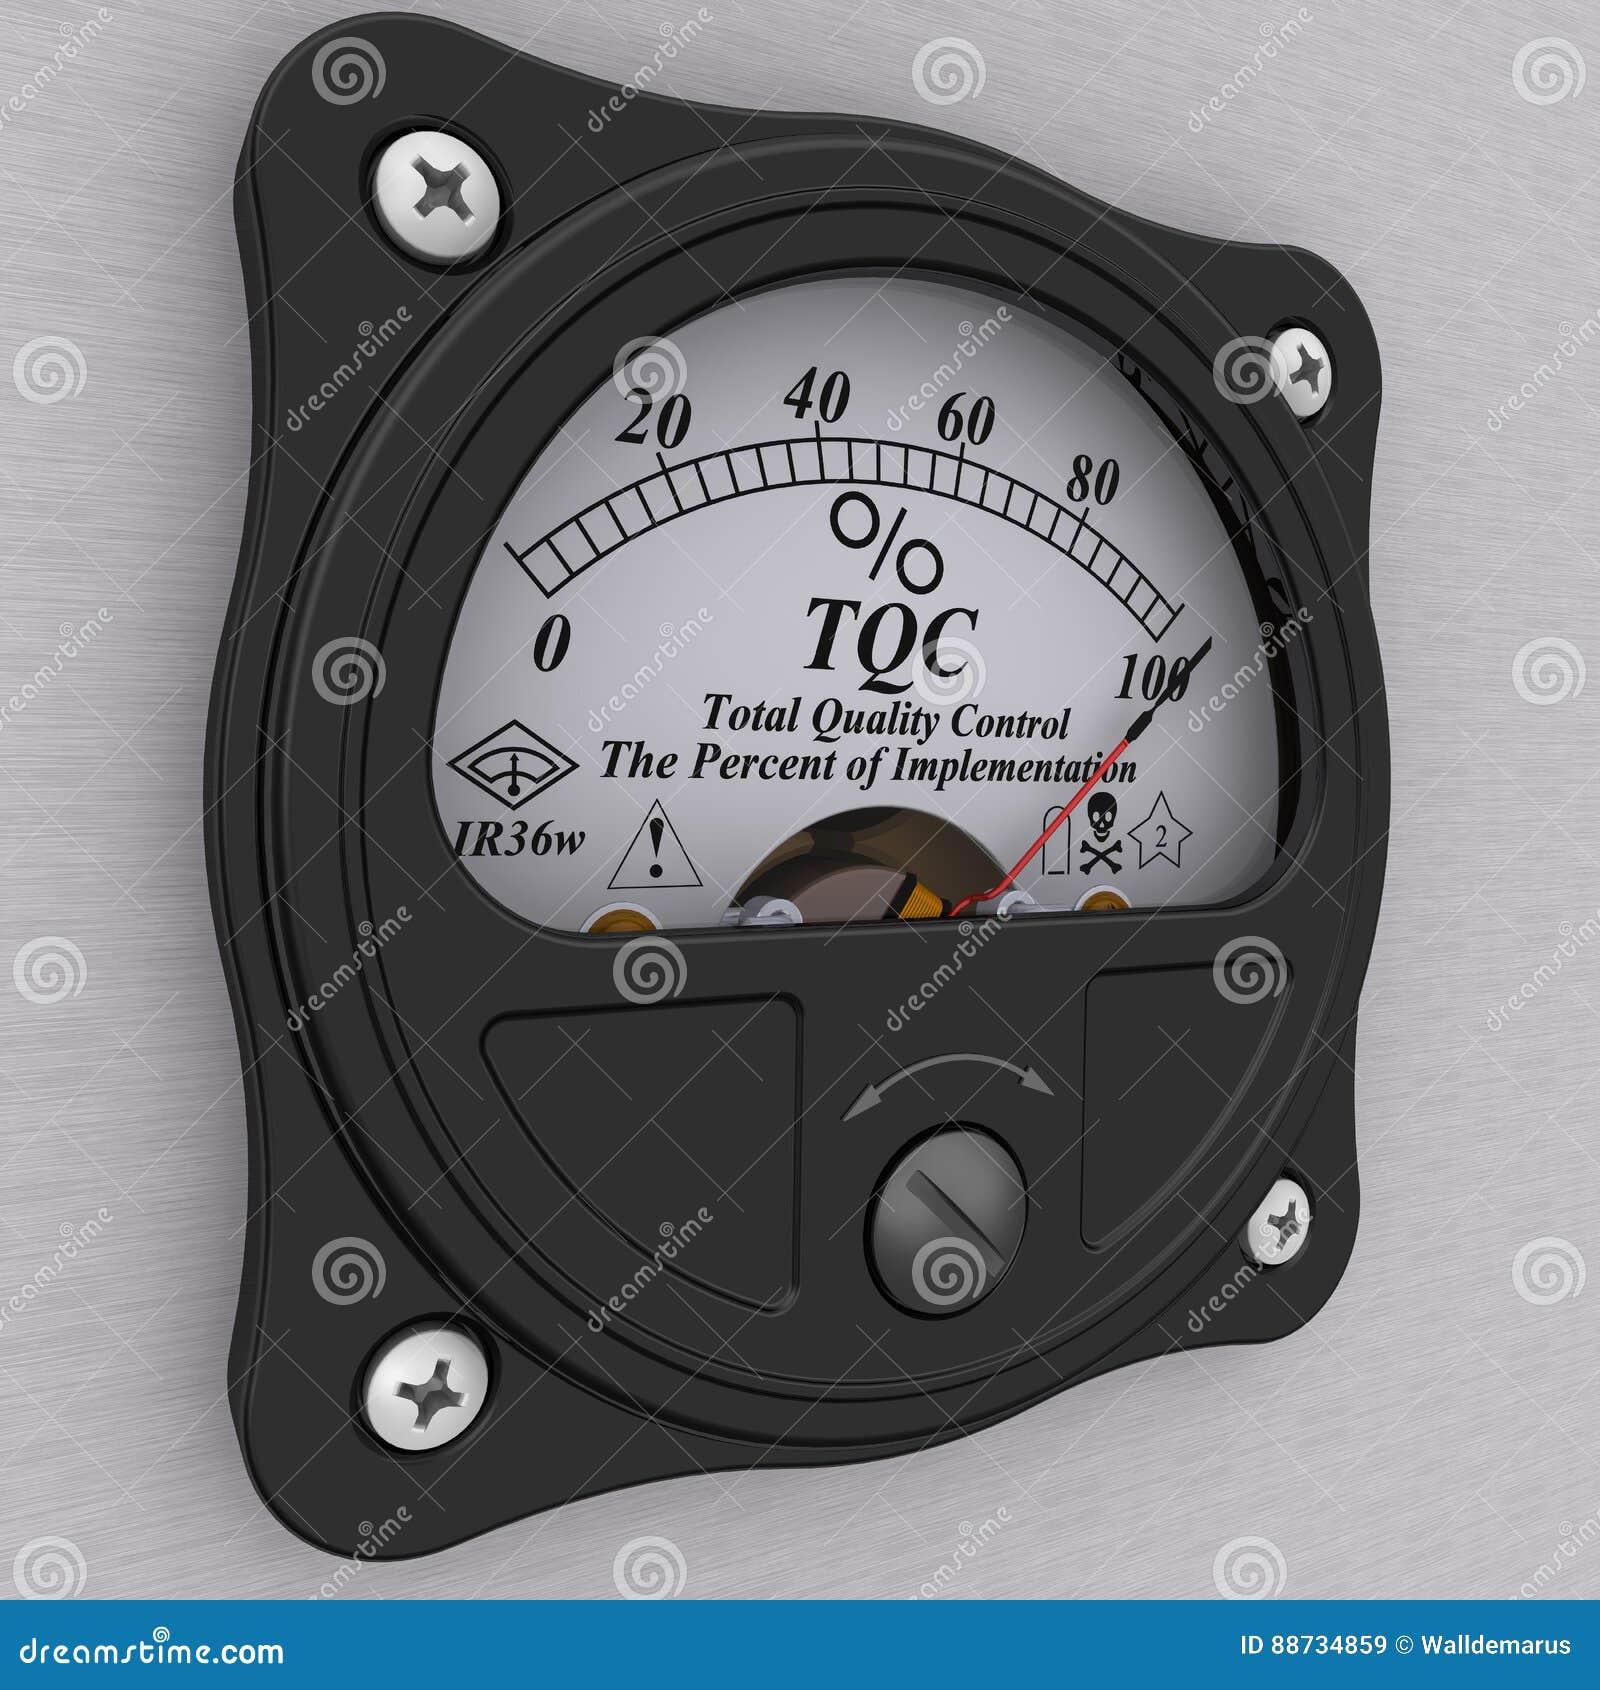 TQC Indicateur de contrôle de qualité total Les pour cent de l exécution